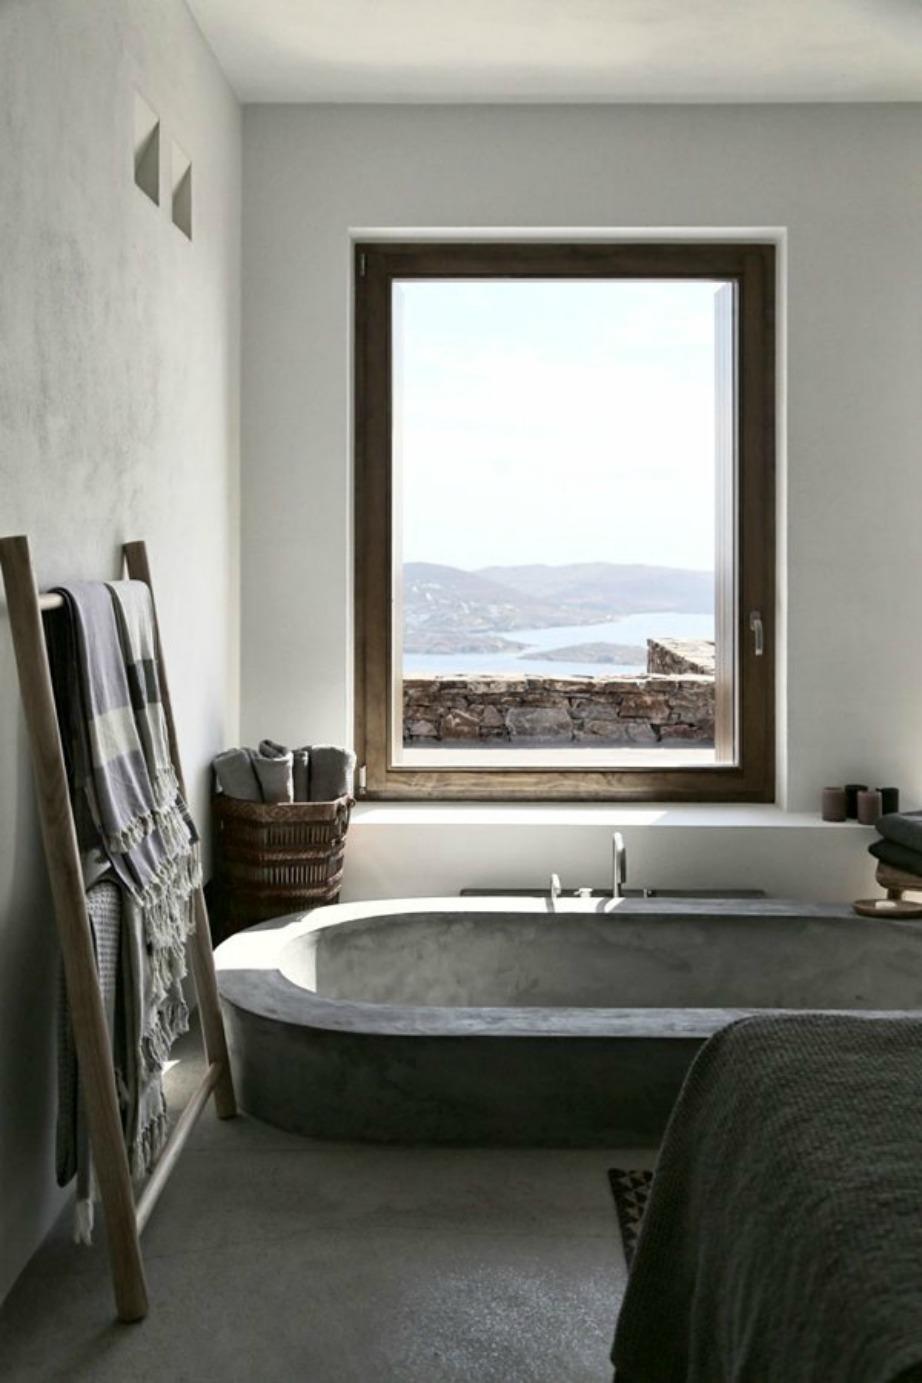 Μπανιέρα με μοναδική θέα γι' αυτούς που θέλουν να παίρνουν το μπάνιο τους και να αγναντεύουν.